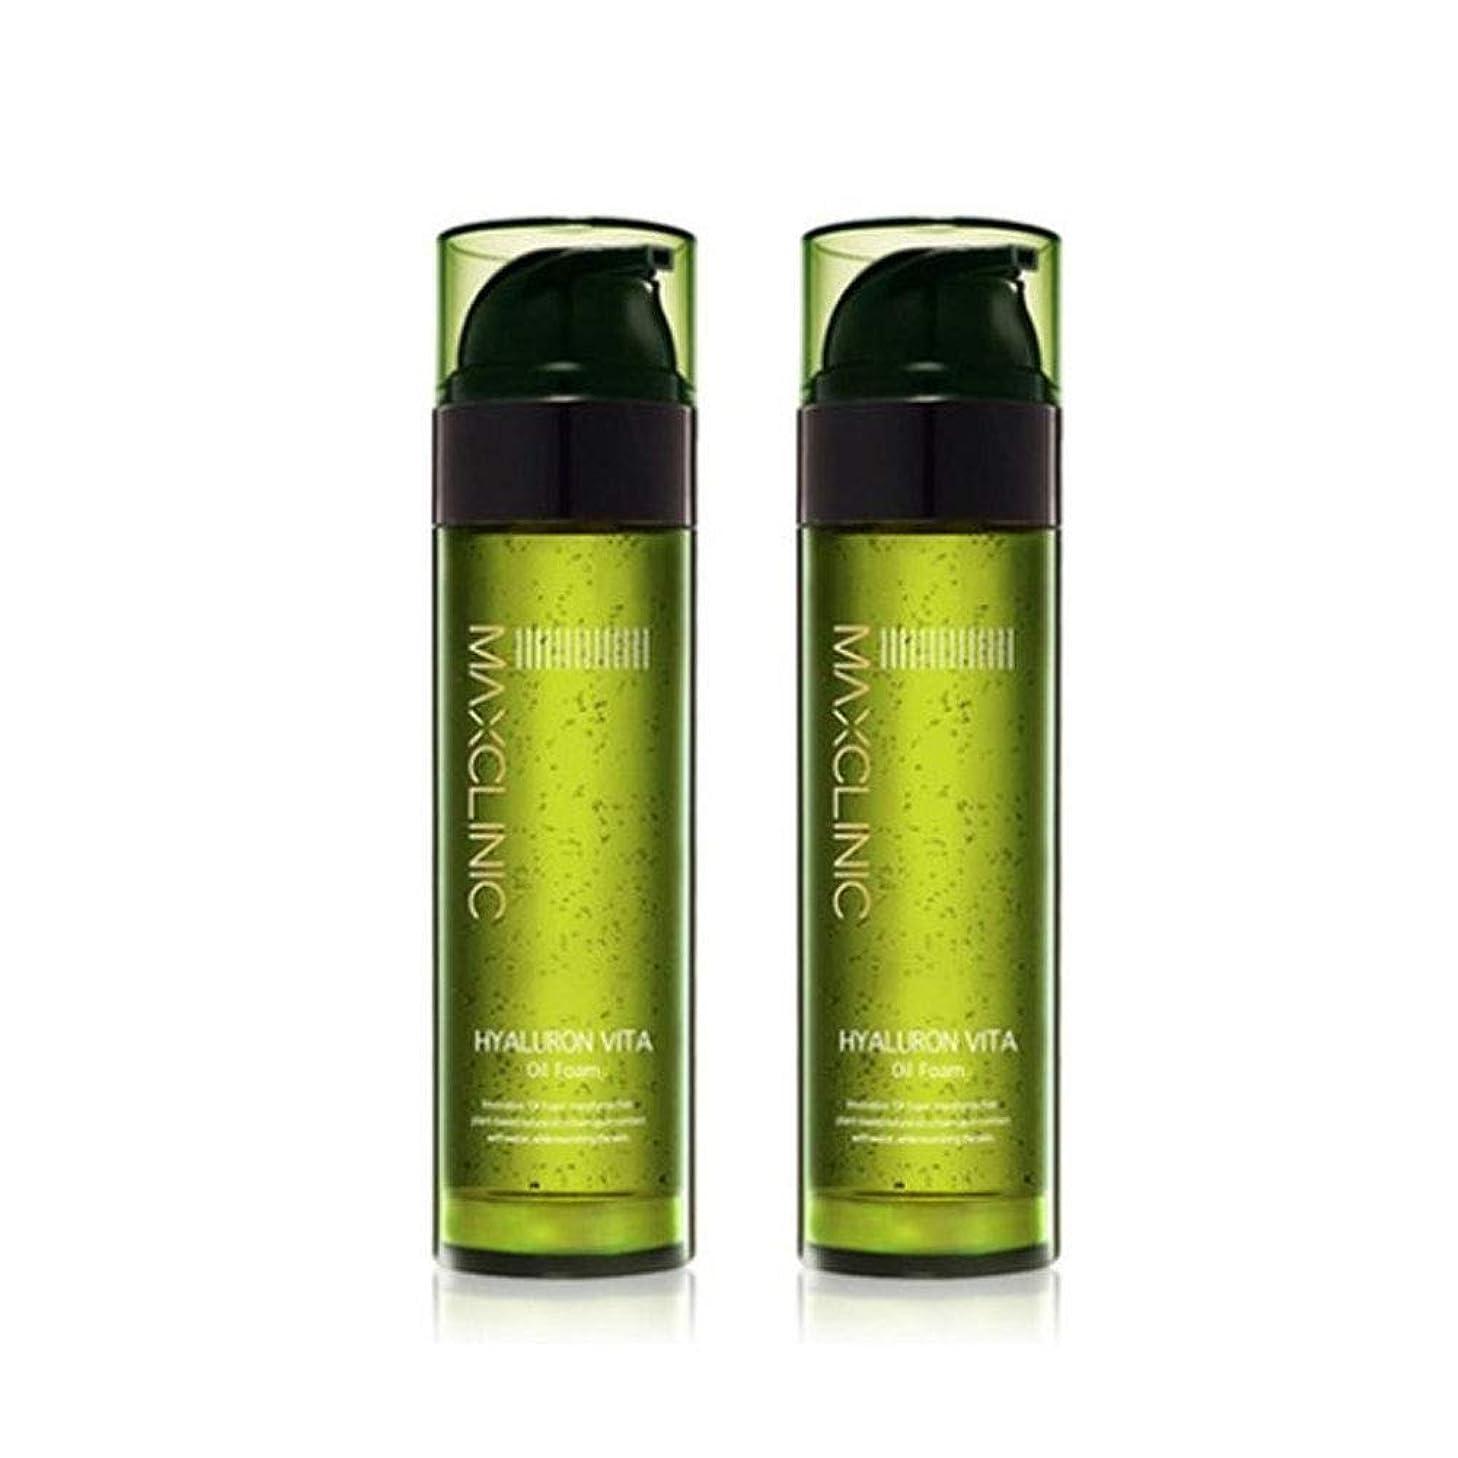 複製するへこみ本マックスクリニックヒアルロンヴィータオイルフォーム110gx2本セット韓国コスメ、Maxclinic Hyaluronic Acid Vita Oil Foam 110g x 2ea Set Korean Cosmetics [並行輸入品]